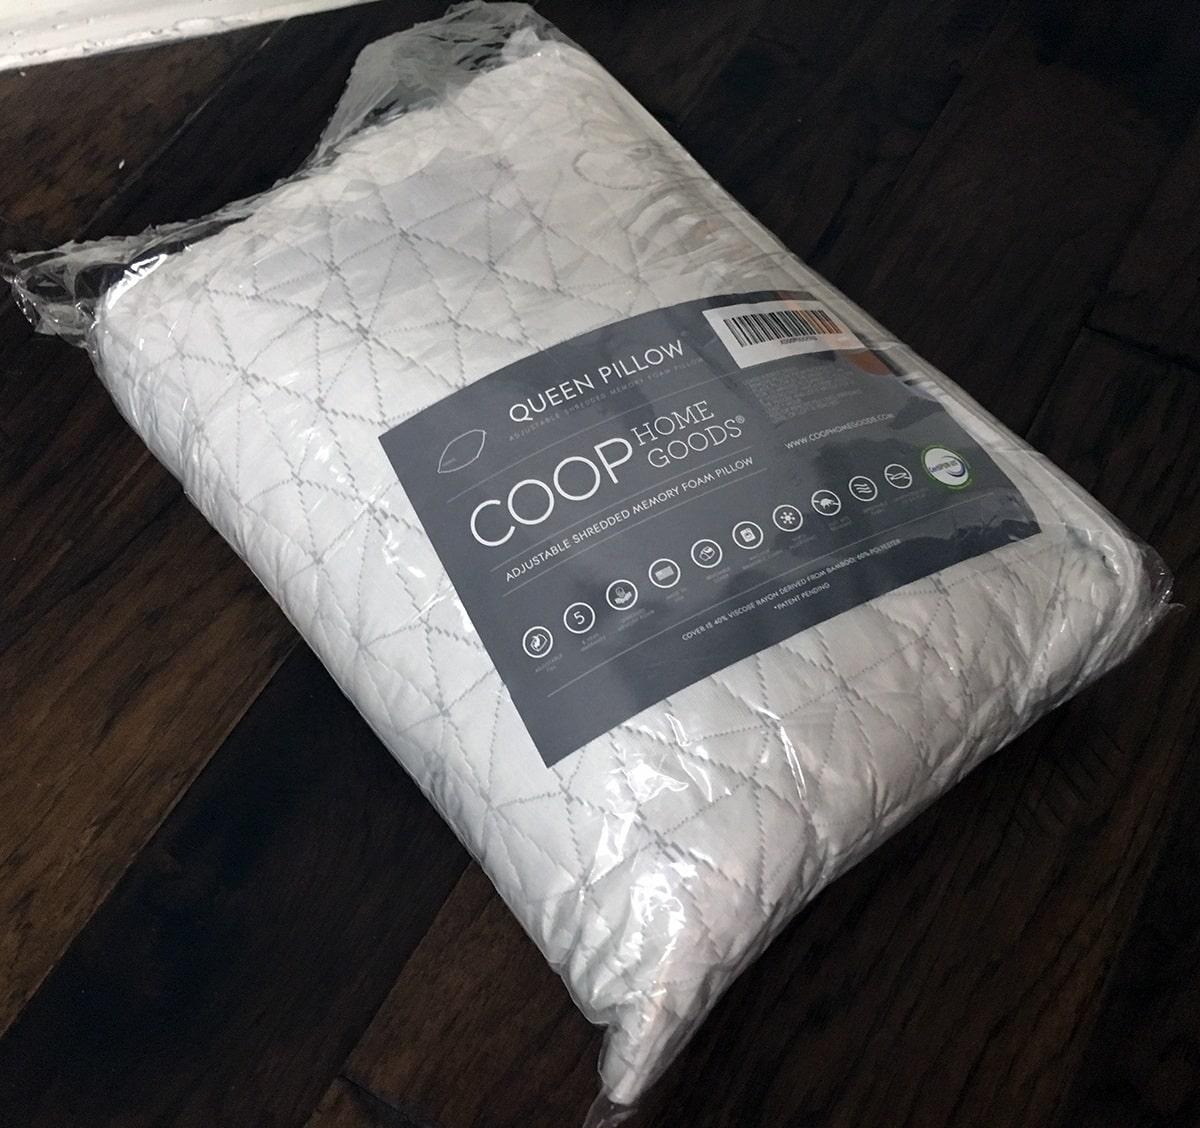 coop home goods adjustable shredded memory foam pillow. Black Bedroom Furniture Sets. Home Design Ideas